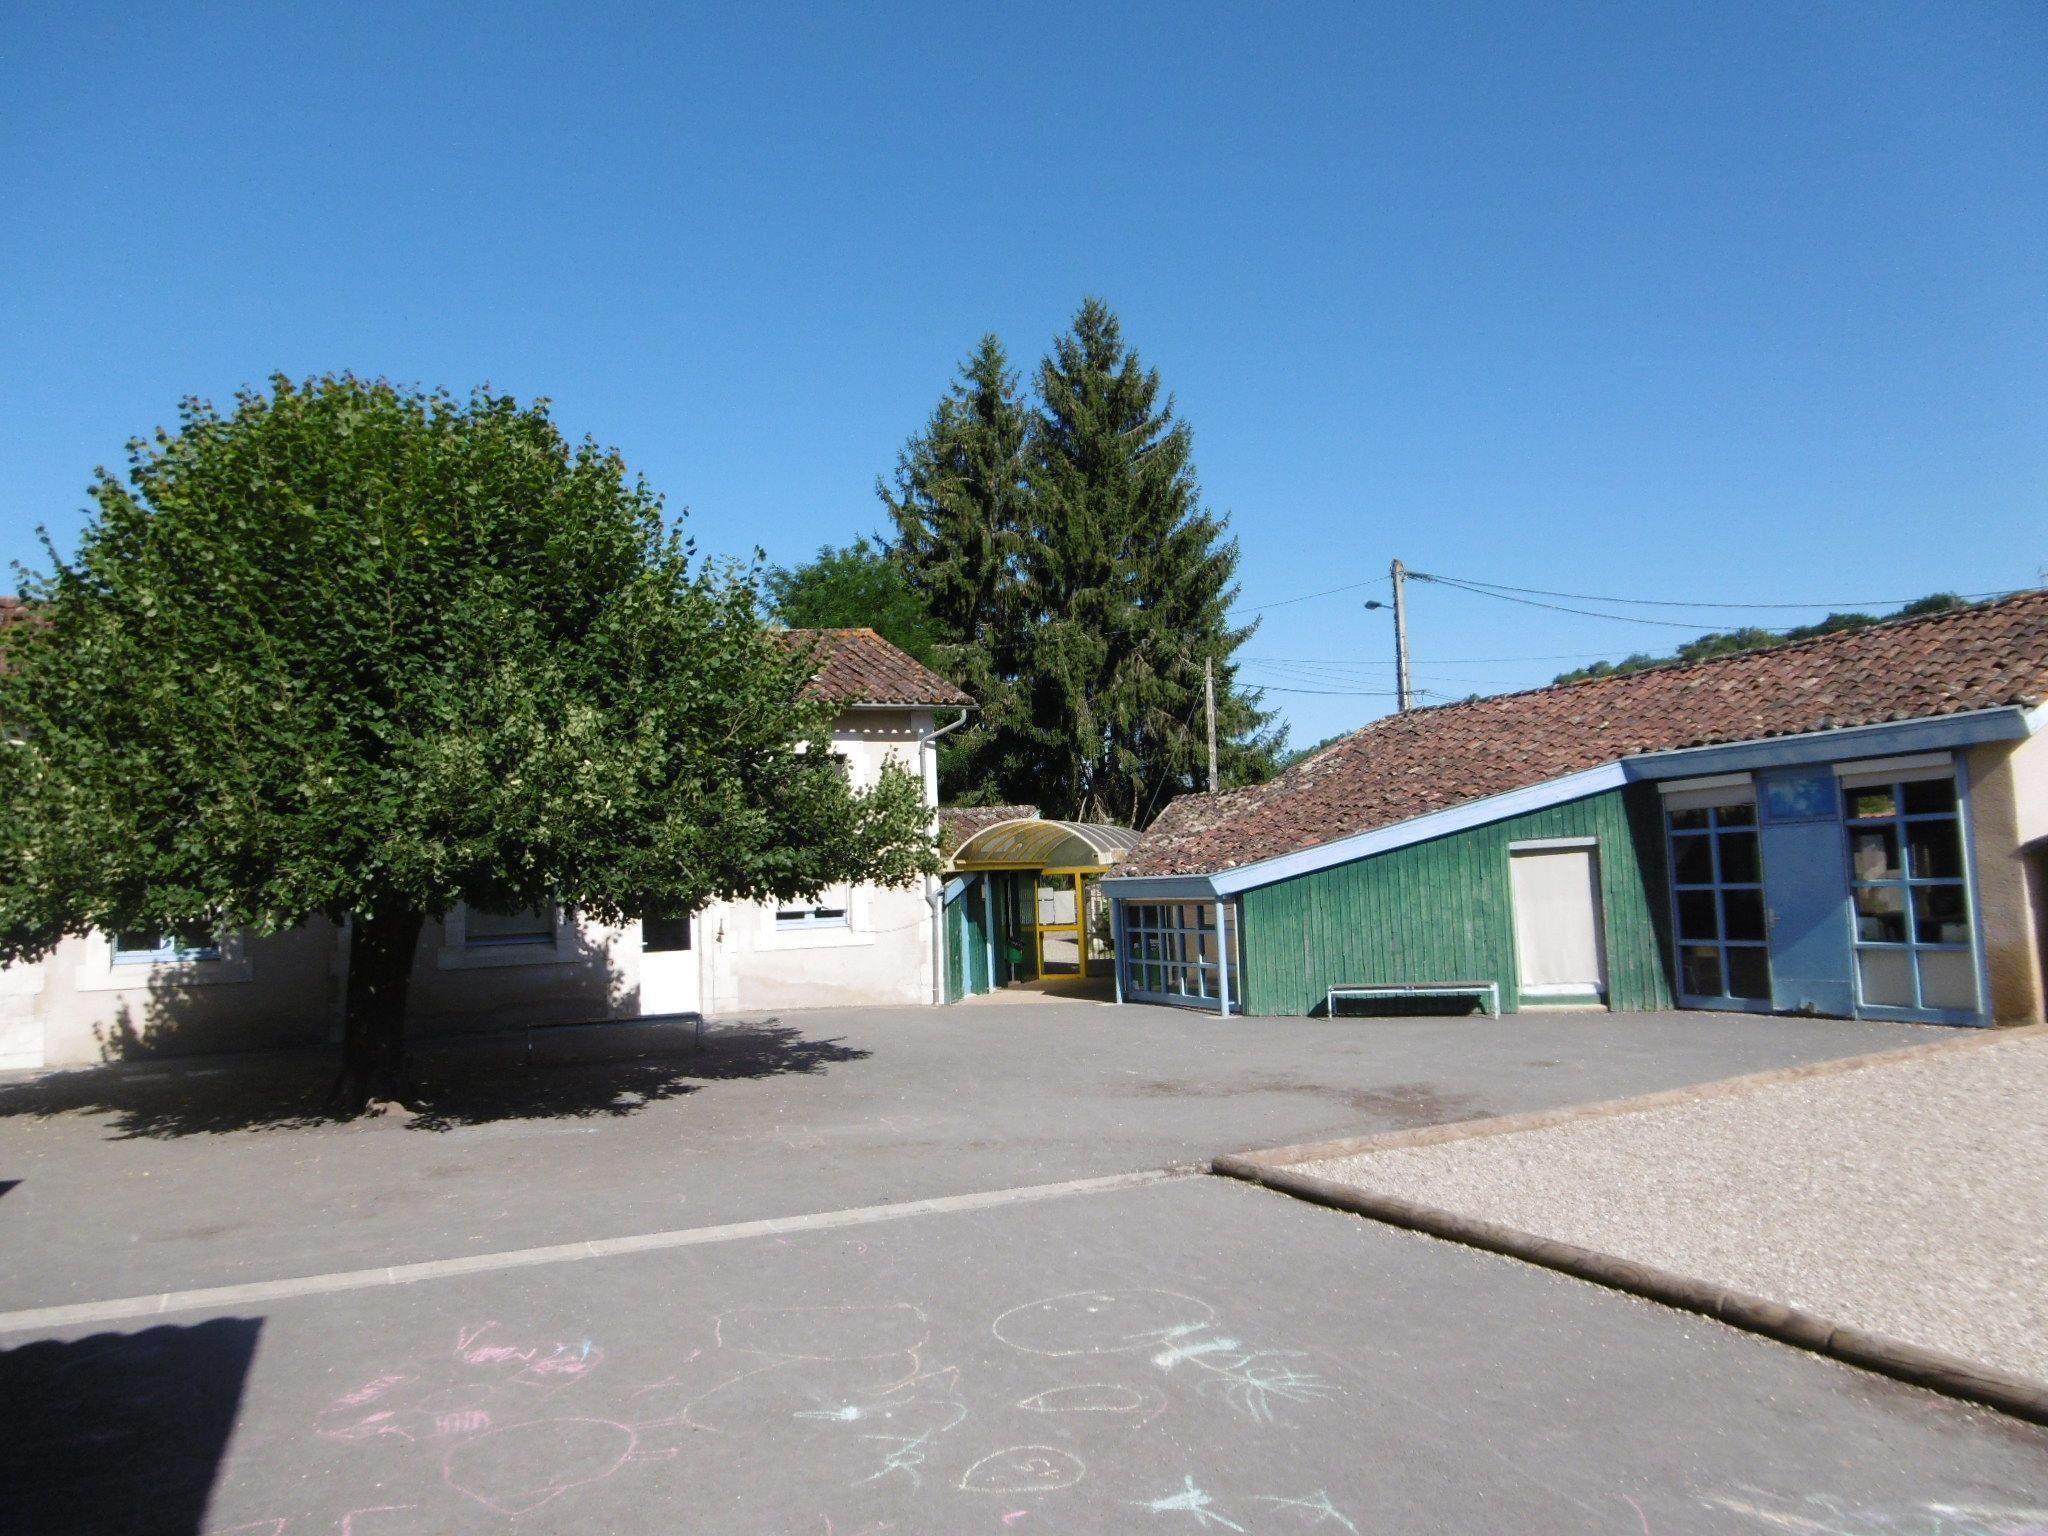 Rénovation de 4 écoles : St Médard de Musidan, Mussidan, Issac et Villamblard